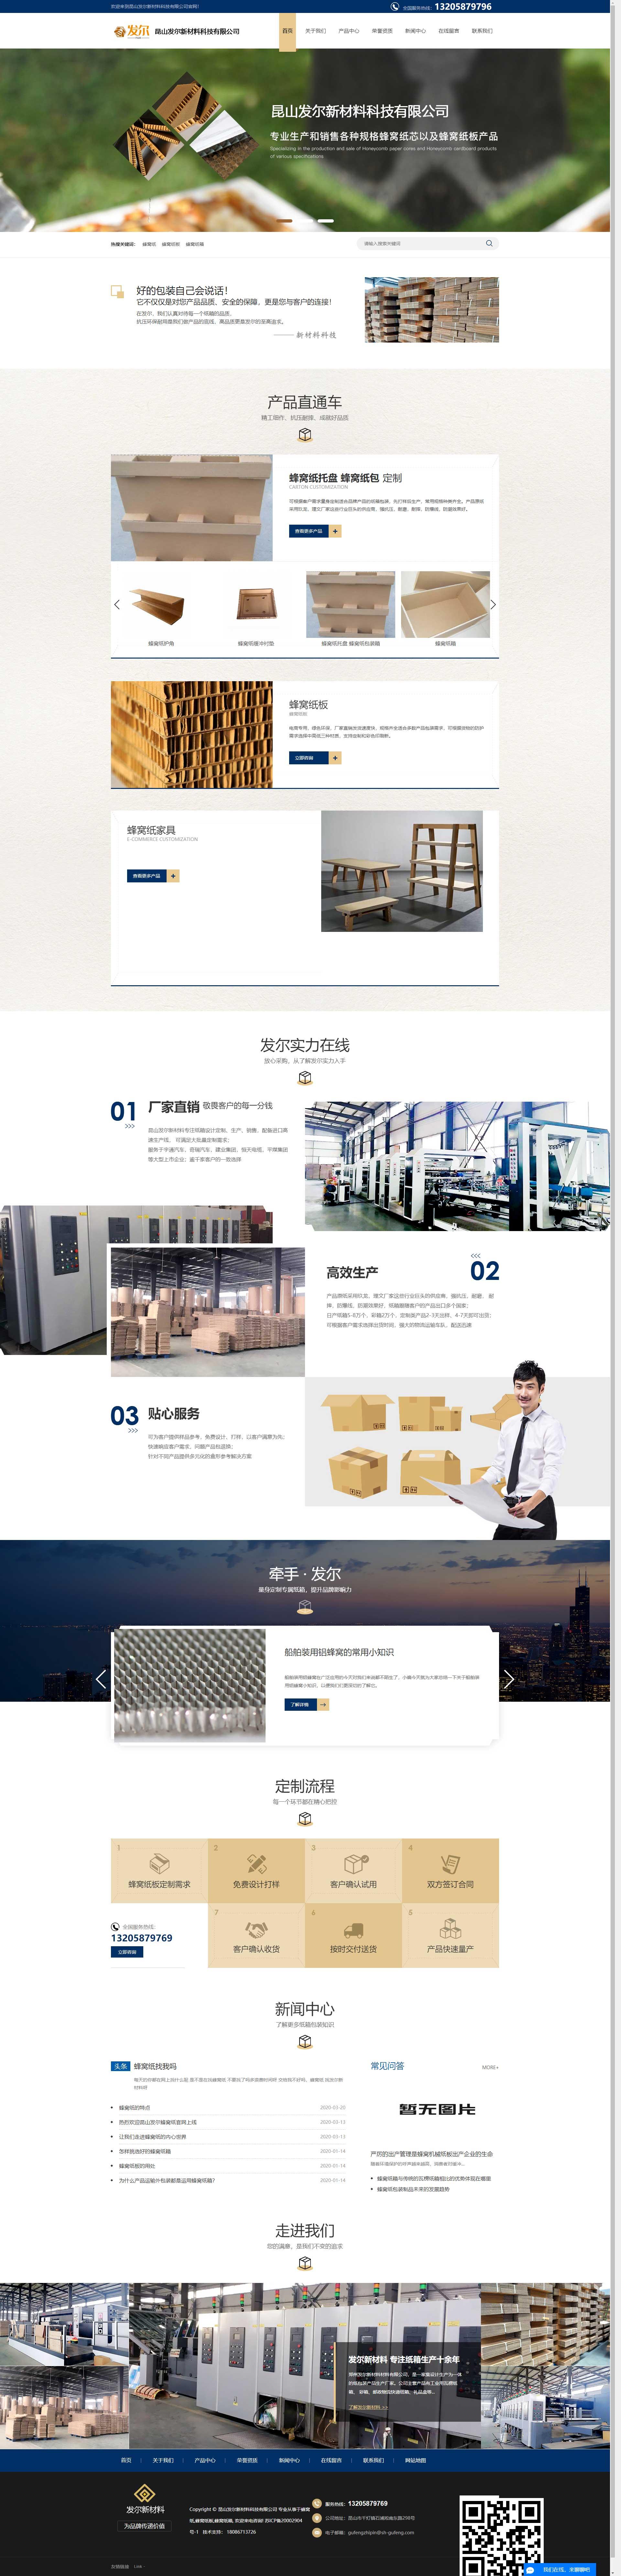 昆山发尔新材料科技有限公司